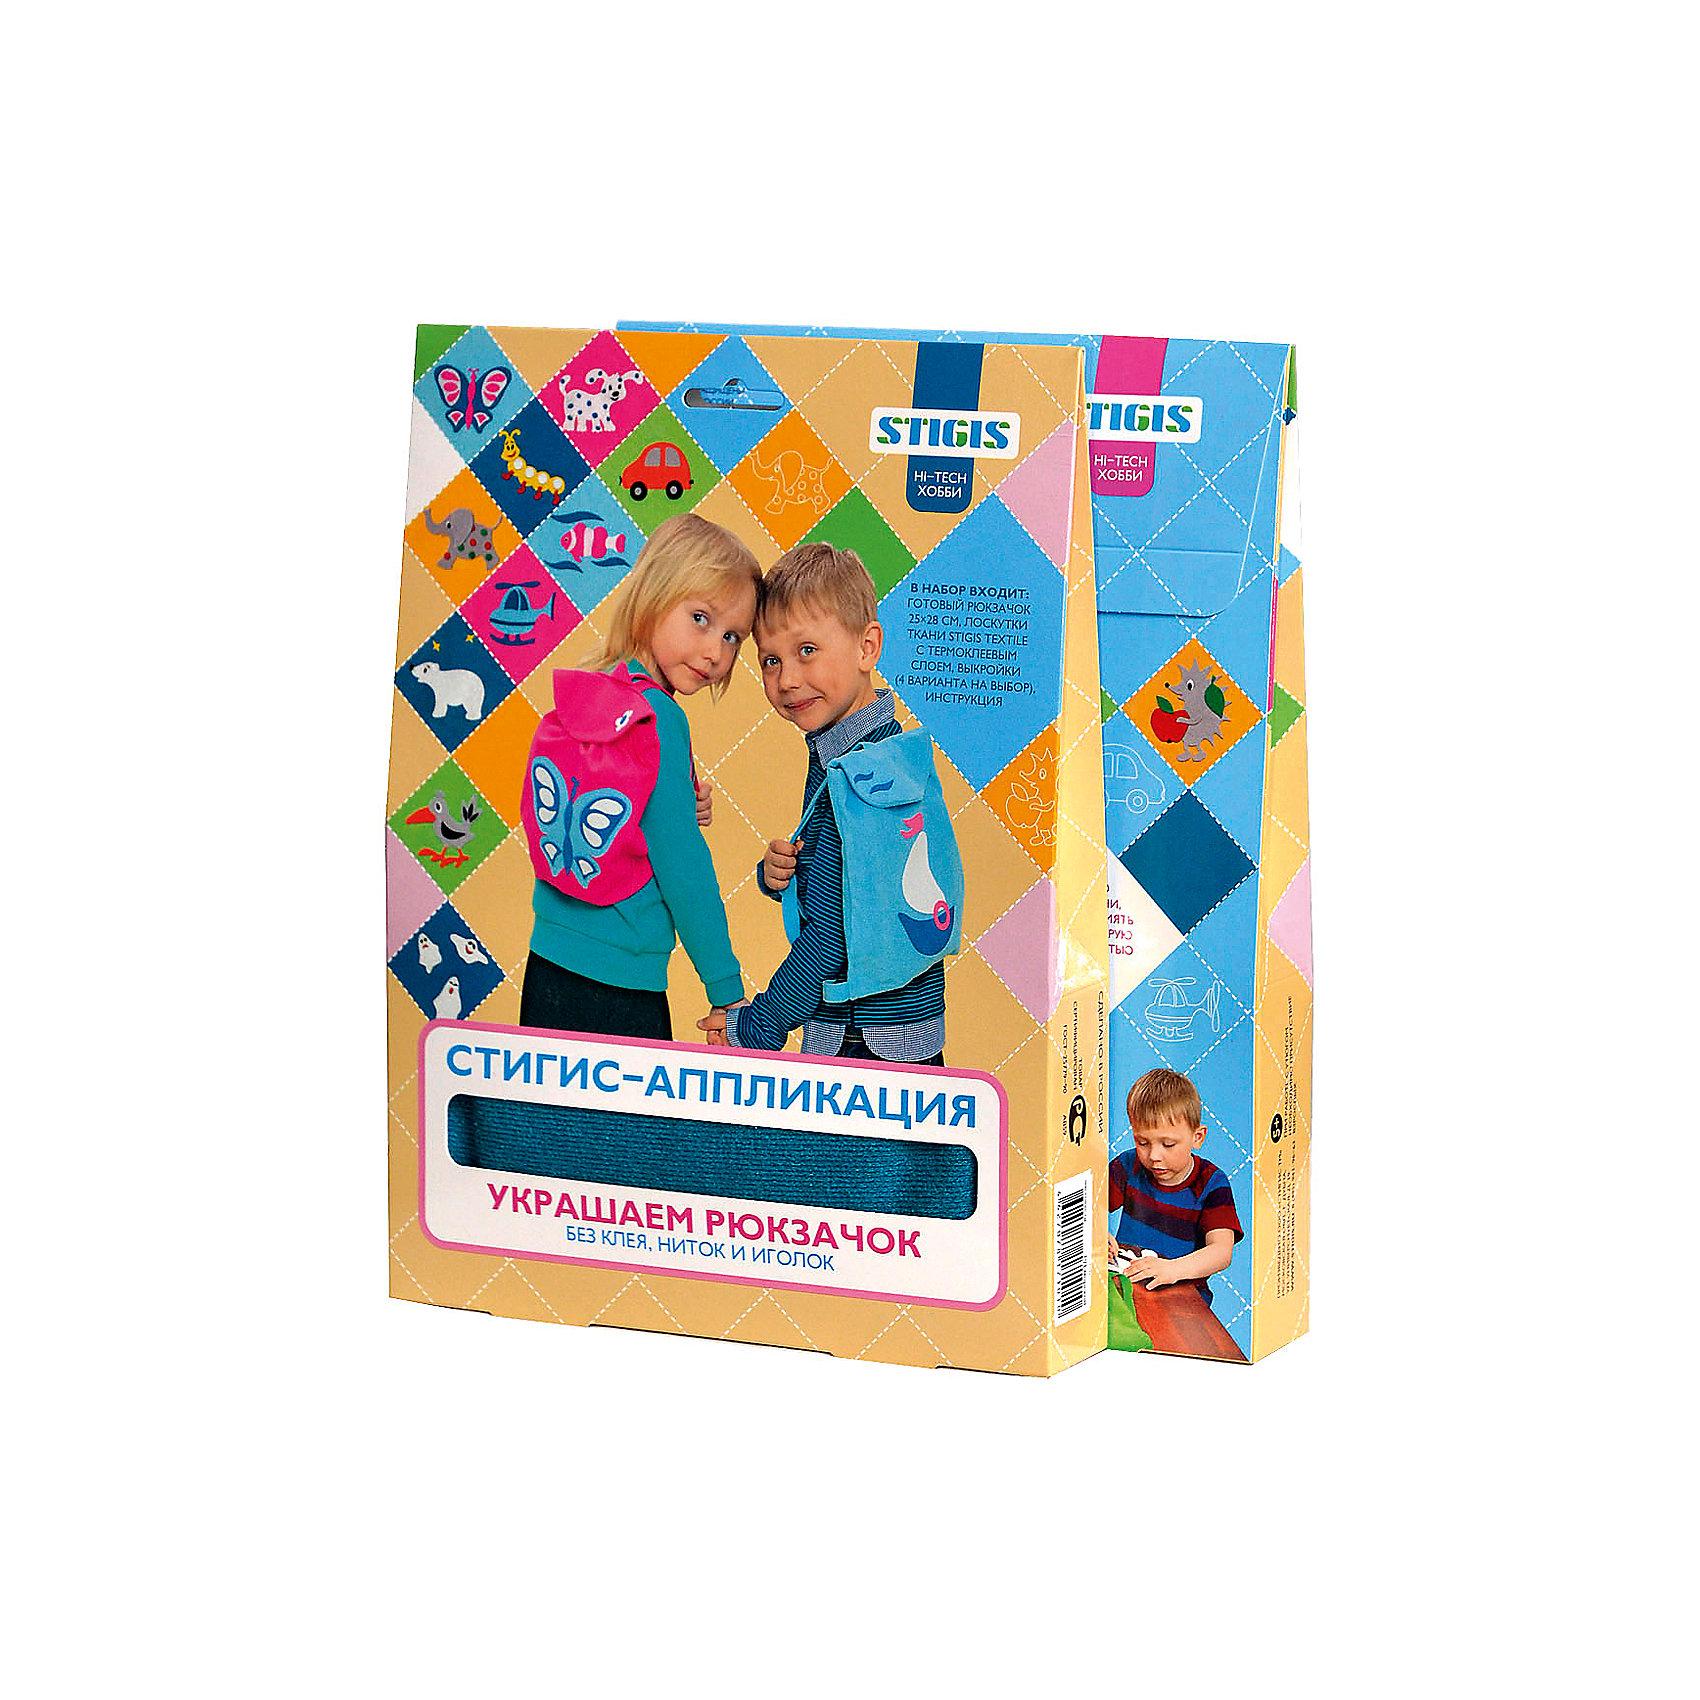 Стигис-аппликация Рюкзак детский, морскойРукоделие<br>С помощью набора для стигис-аппликации ребенок сможет создать себе уникальный рюкзачок с собственным дизайном.  Для создания красивой аппликации нужно  лишь придумать желаемый рисунок, нарисовать его на stigis-ткани, вырезать, приложить к рюкзаку и прогладить утюгом. Если готовая аппликация не понравилась, ее можно легко удалить, прогладив утюгом еще раз. Все материалы гипоаллергенны и безопасны. Такое творчество развивает усидчивость, аккуратность и дизайнерские способности ребенка. Прекрасный выбор для начинающих дизайнеров!<br><br>Дополнительная информация:<br>В комплекте: рюкзачок, stigis-ткань, выкройки, инструкция<br>Цвет: синий<br>Размер: 3,5х27х20 см<br>Вес: 120 грамм<br>Набор для стигис-аппликации Рюкзачок можно приобрести в нашем интернет-магазине.<br><br>Ширина мм: 200<br>Глубина мм: 270<br>Высота мм: 35<br>Вес г: 120<br>Возраст от месяцев: 36<br>Возраст до месяцев: 72<br>Пол: Унисекс<br>Возраст: Детский<br>SKU: 4939432